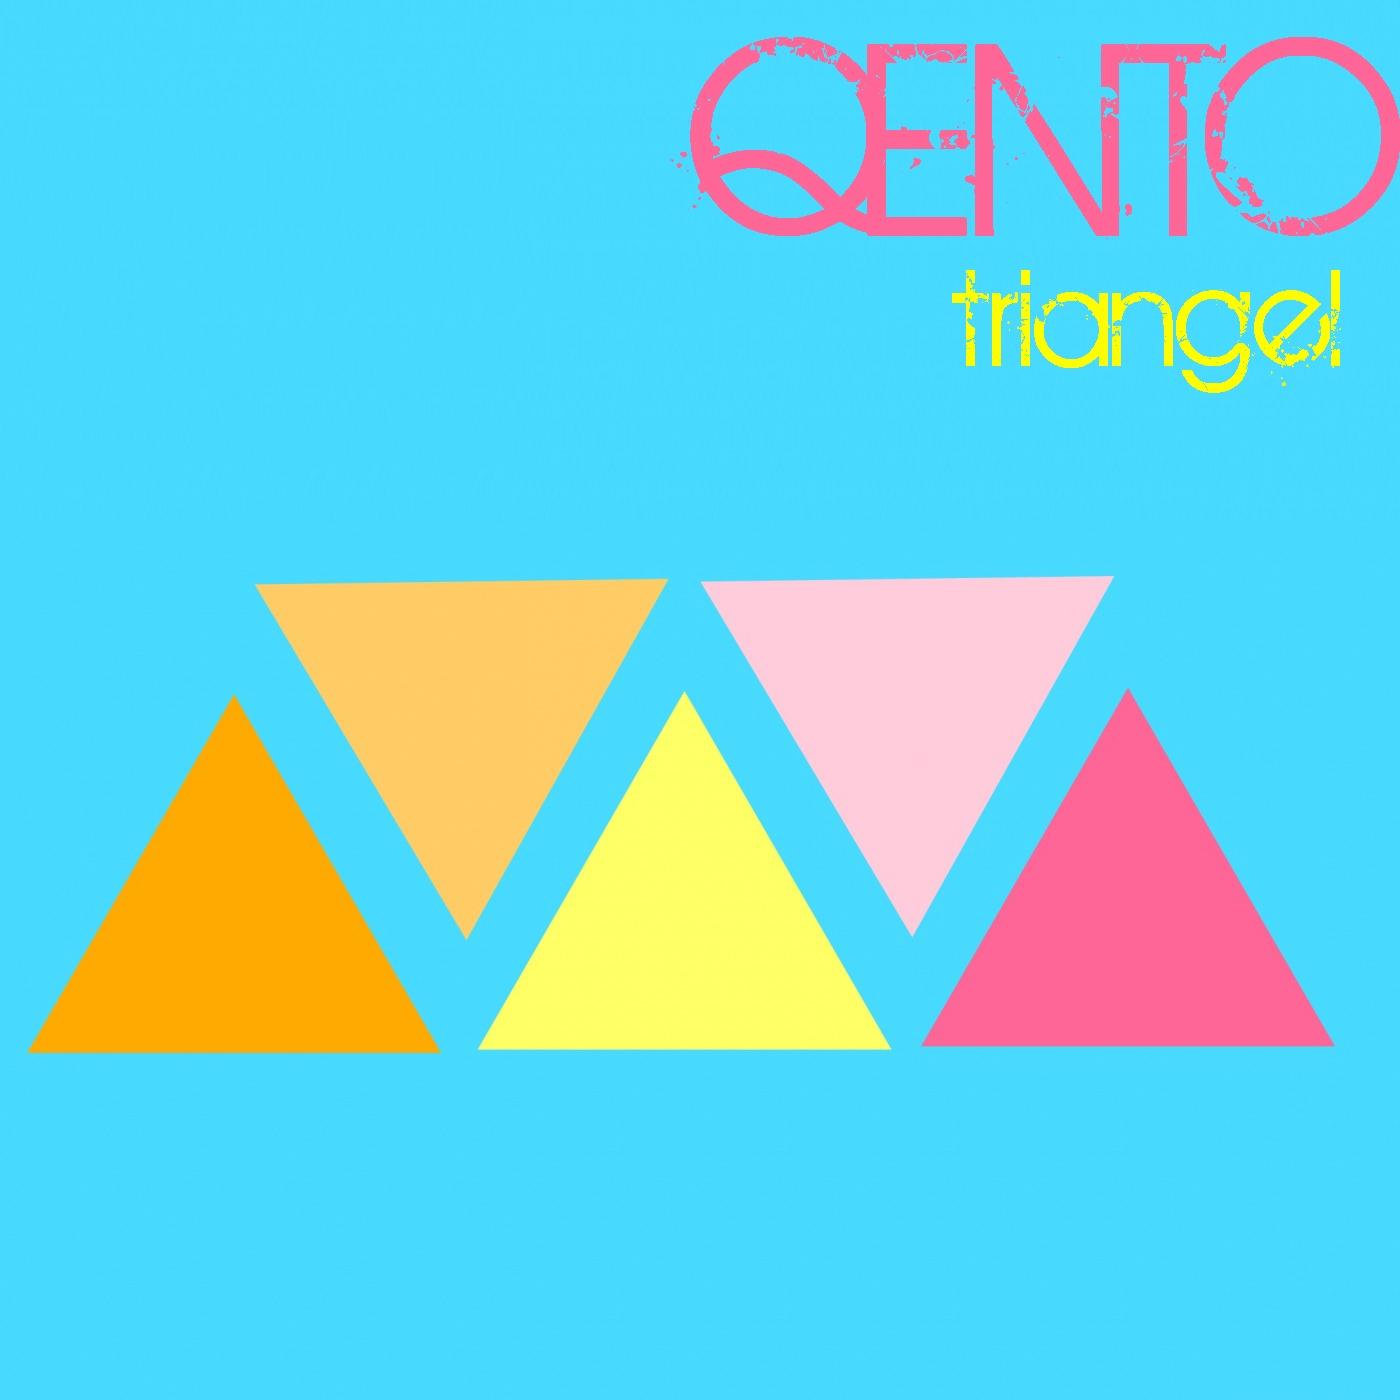 Qento - Oh (Original Mix)